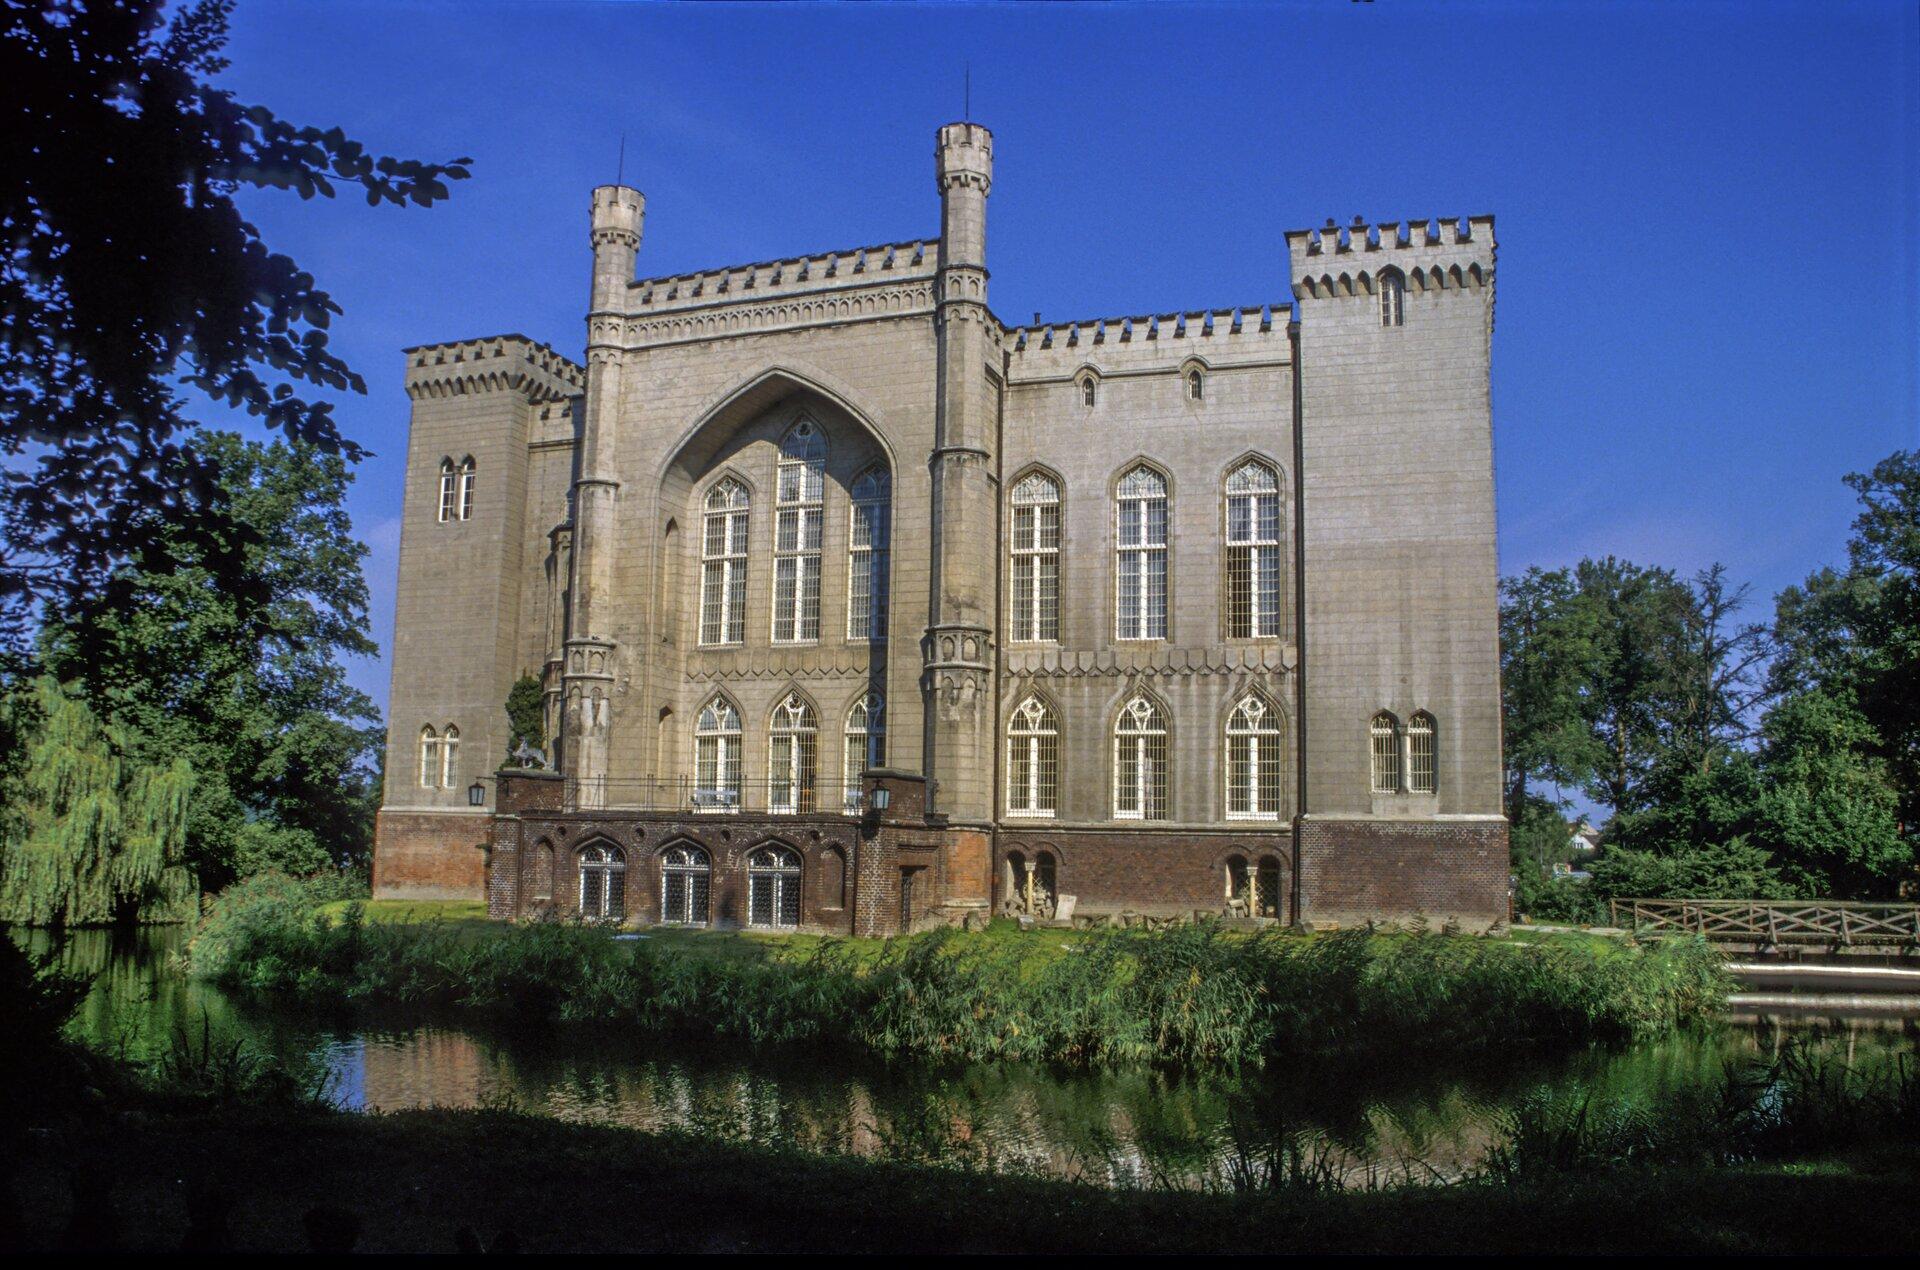 Zamek wKórniku (fasada południowa) 4. Źródło: Jerzy Strzelecki, Zamek wKórniku (fasada południowa), 1846–1861, fotografia barwna, licencja: CC BY-SA 3.0.